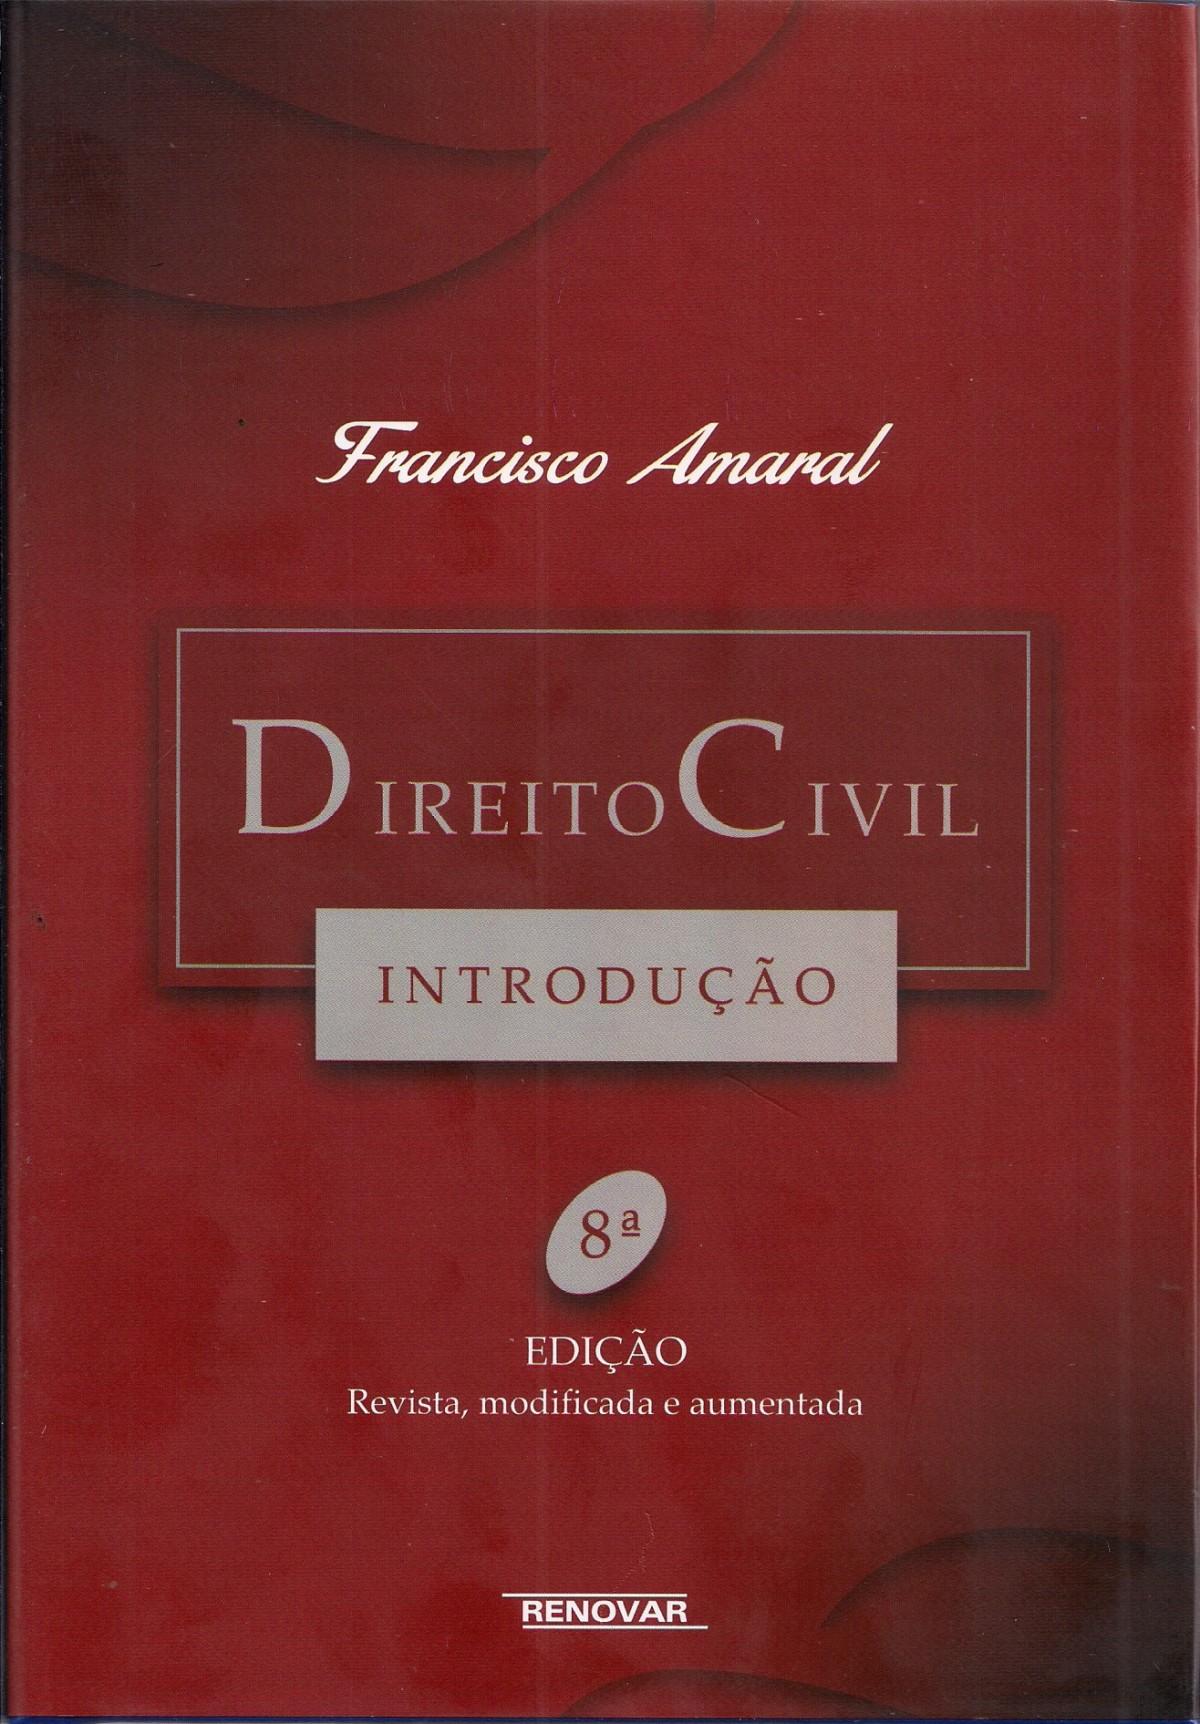 Foto 1 - Direito Civil Introdução 8ª edição